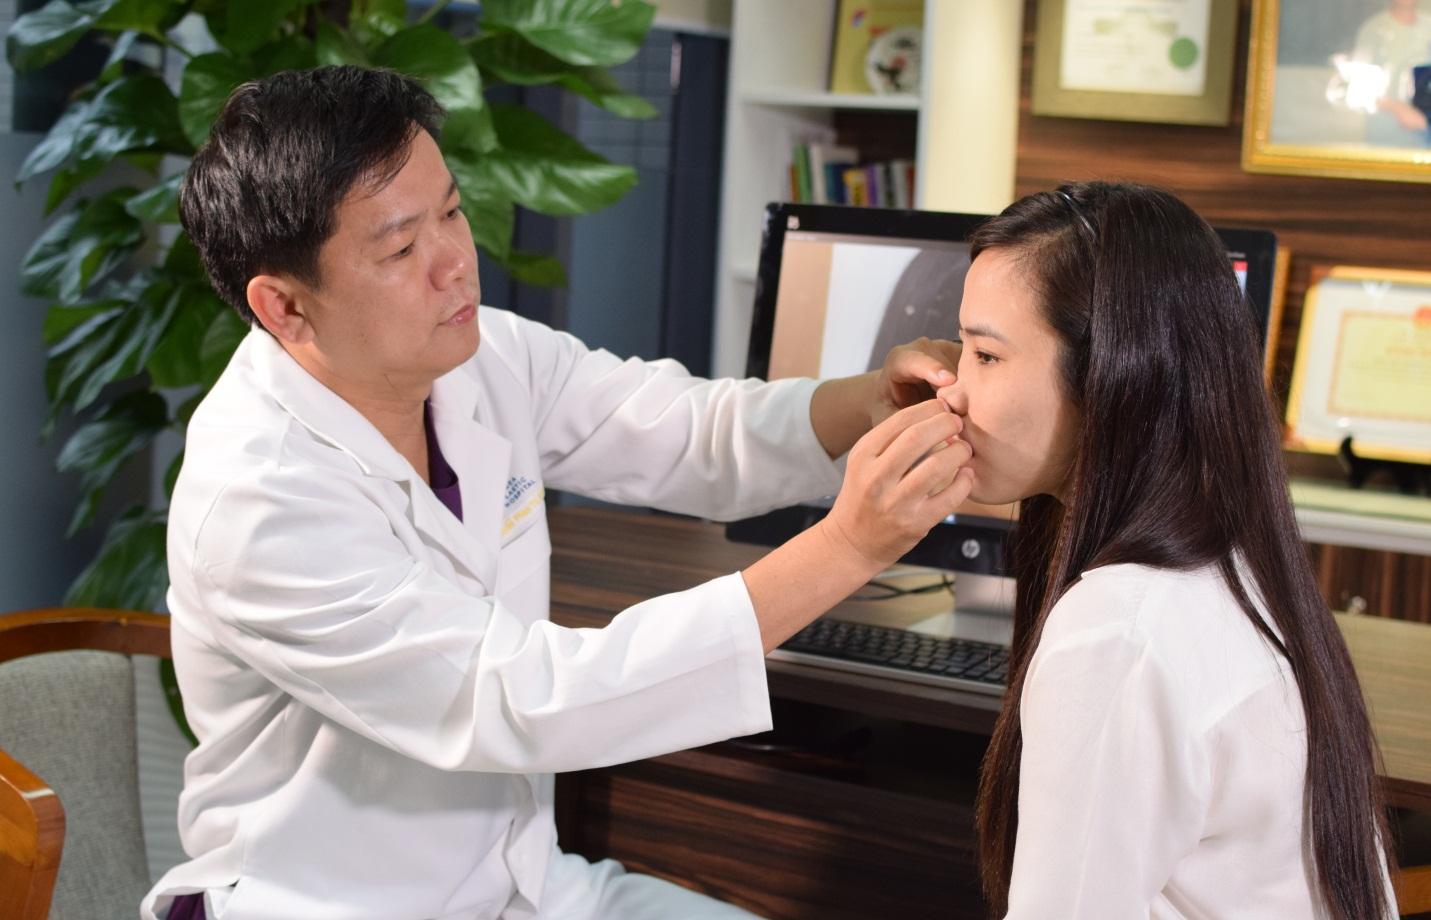 Chân dung vị bác sĩ cứu chữa thành công hàng nghìn trường hợp mũi hỏng - hình 2